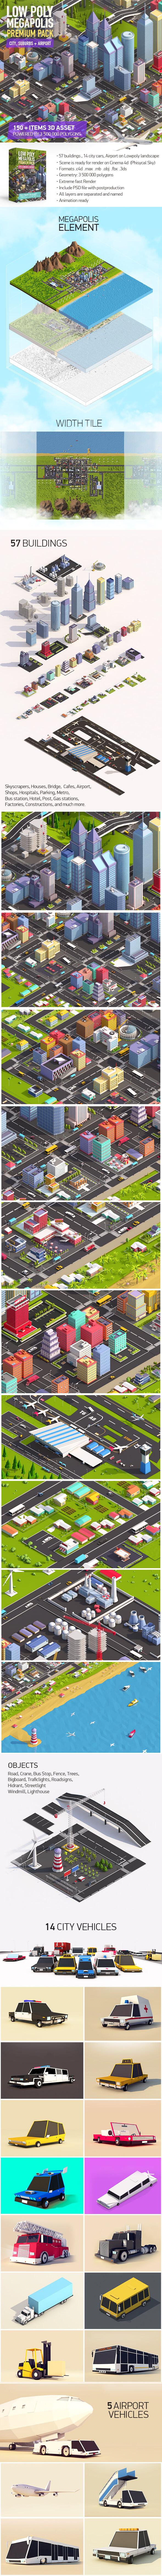 Low Poly Megapolis Premium Pack (Landscape, Buildings, Airport) - 3DOcean Item for Sale